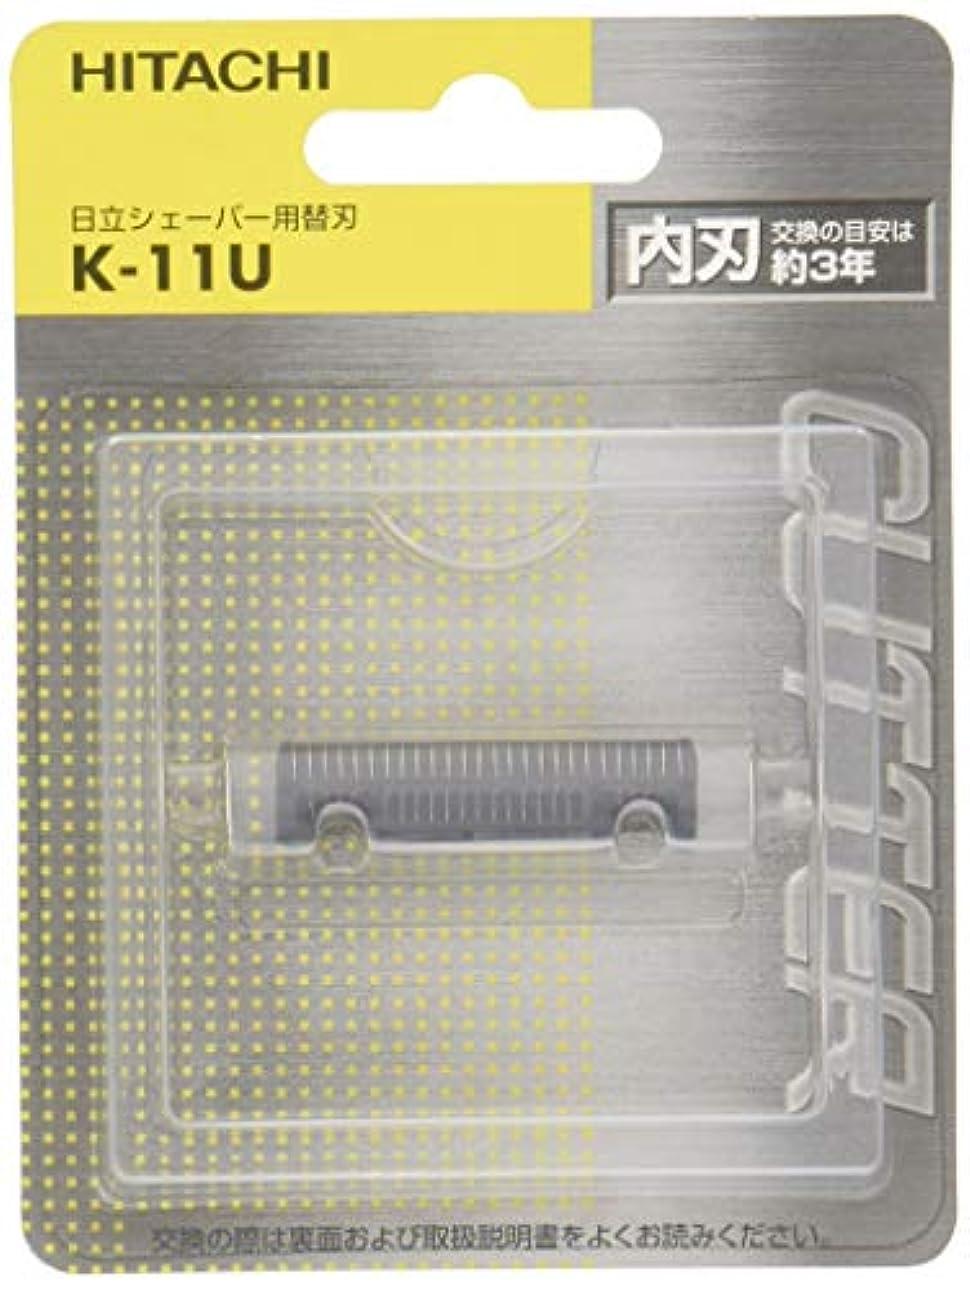 バルーン体現する告白する日立 替刃 内刃 K-11U